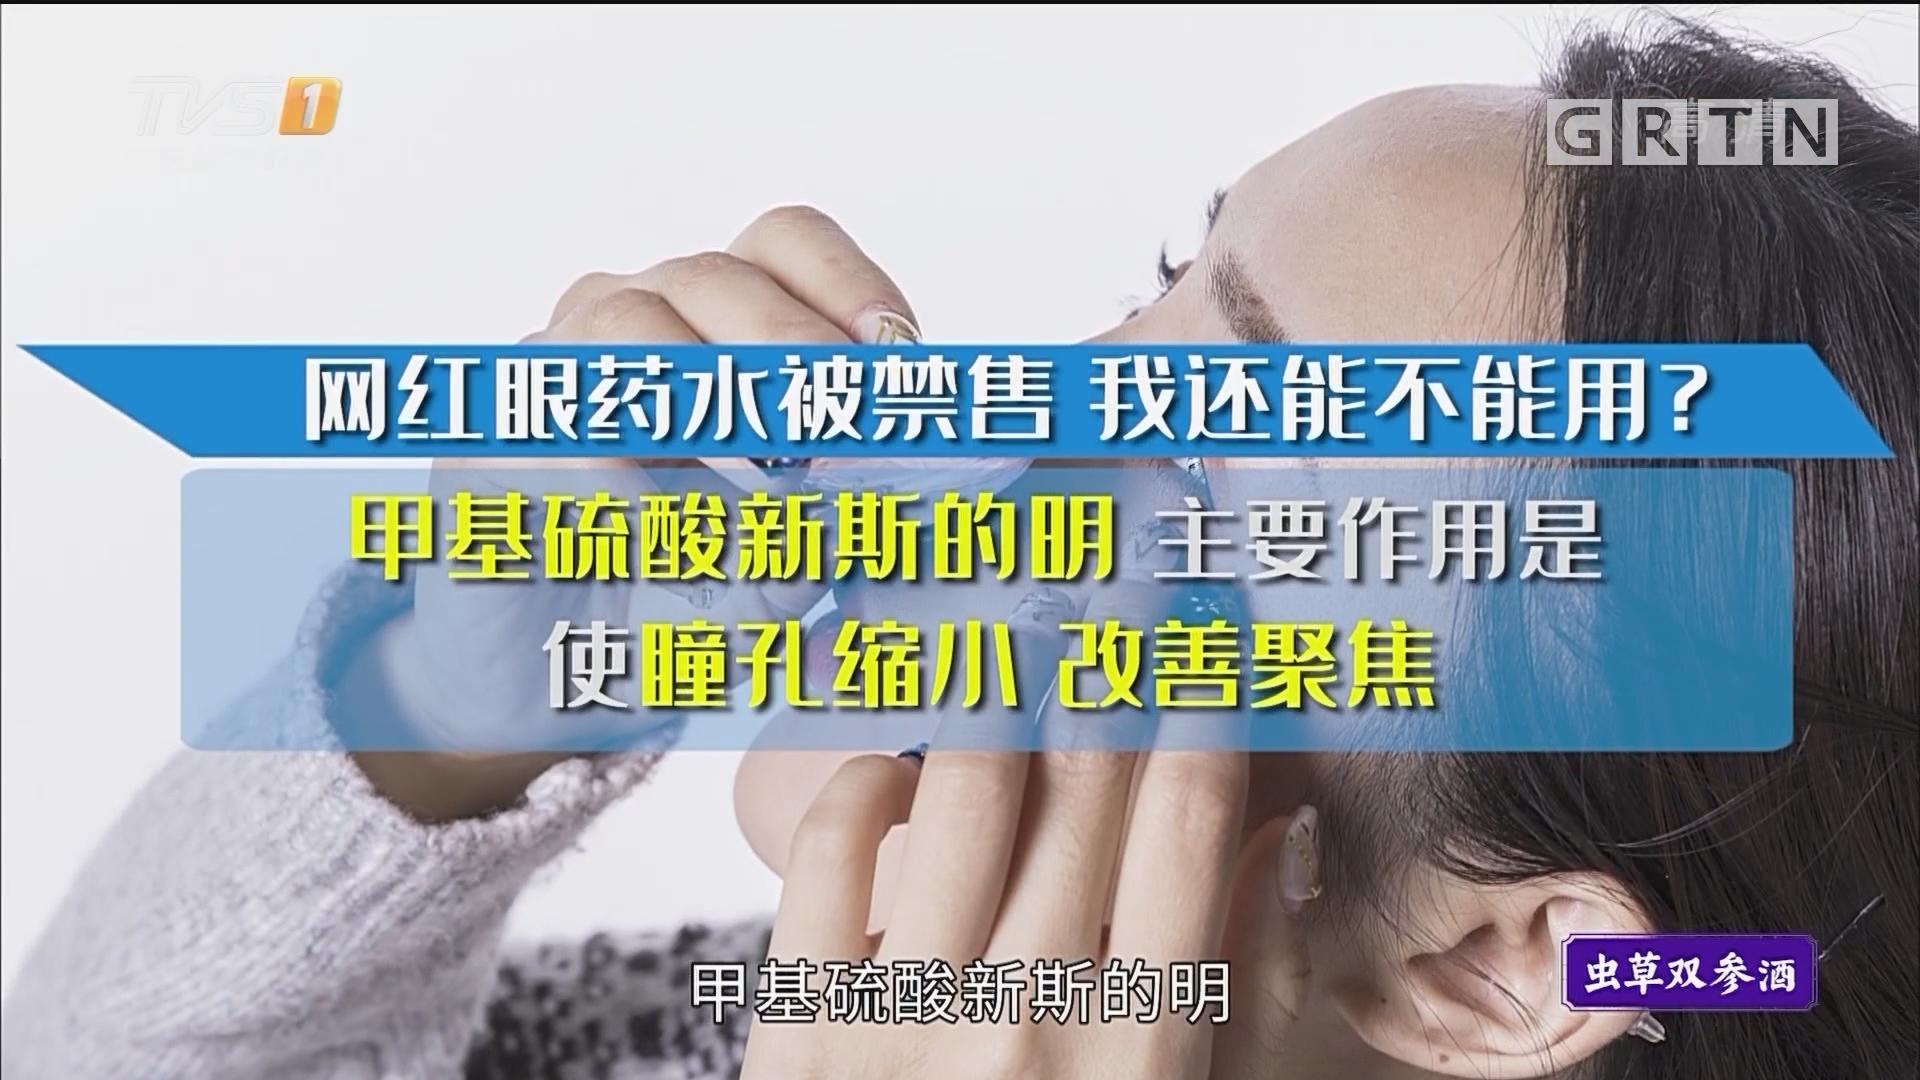 [HD][2019-08-19]经视健康+:网红眼药水被禁售 我还能不能用?